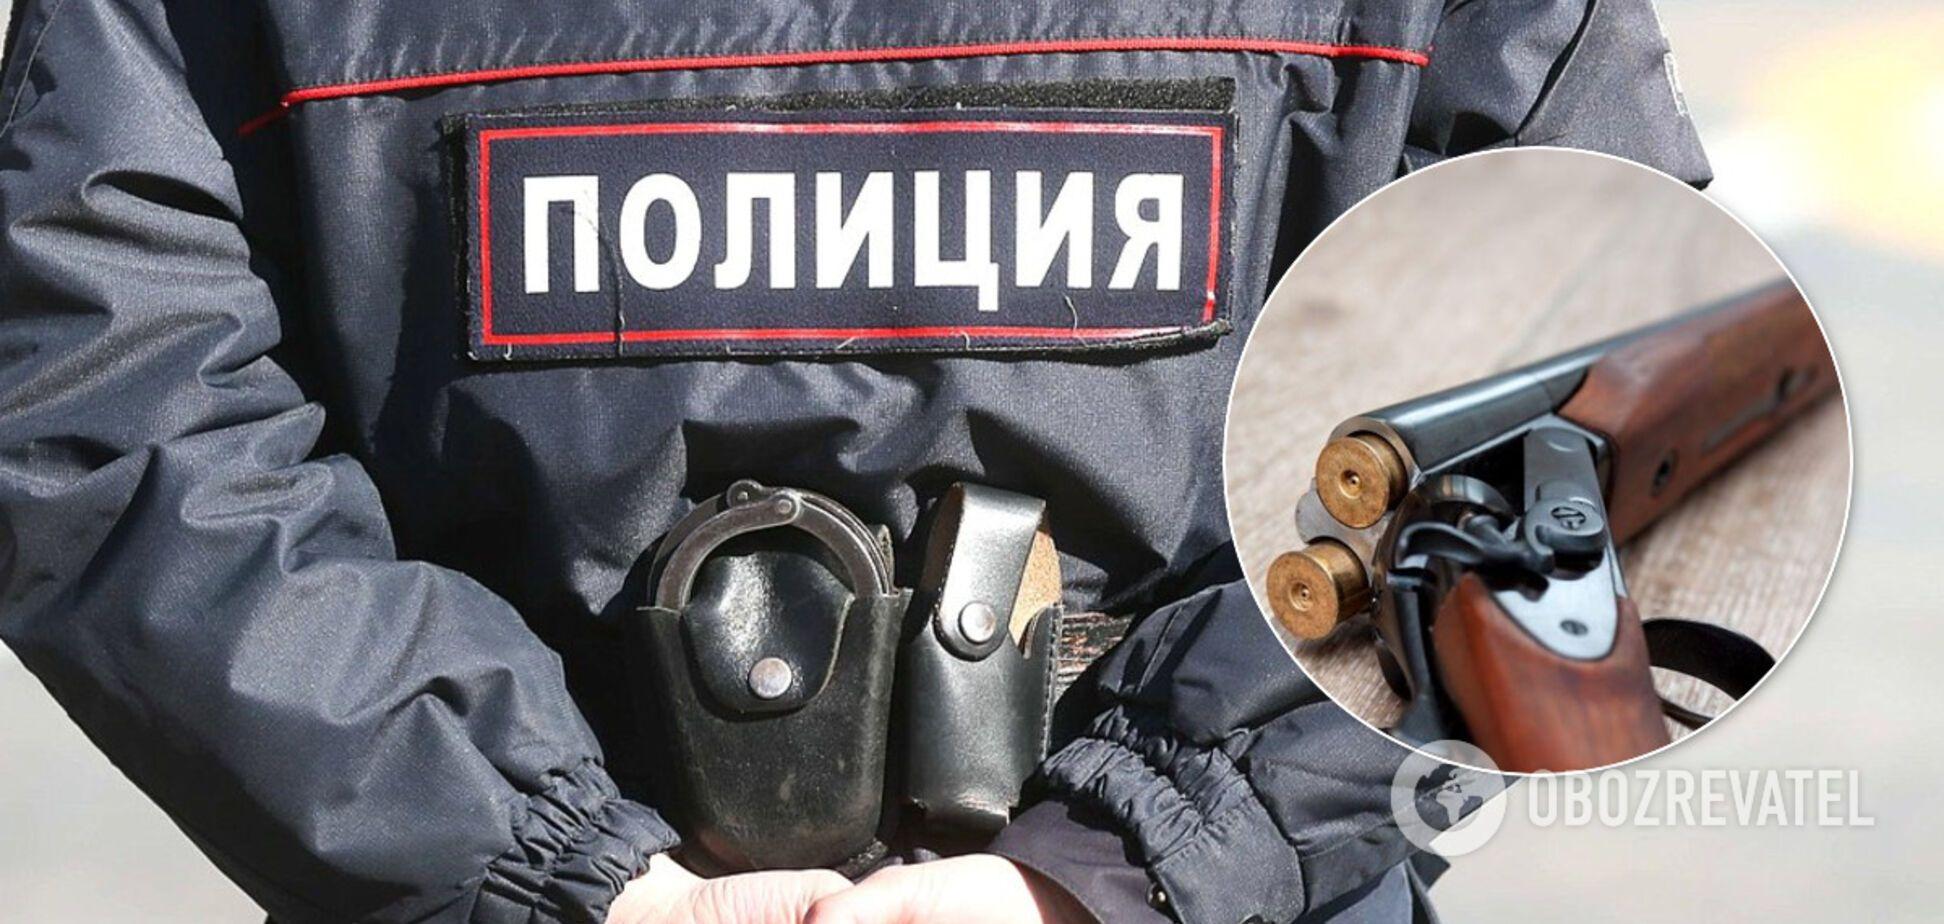 У Москві п'яний чоловік влаштував стрілянину по перехожих